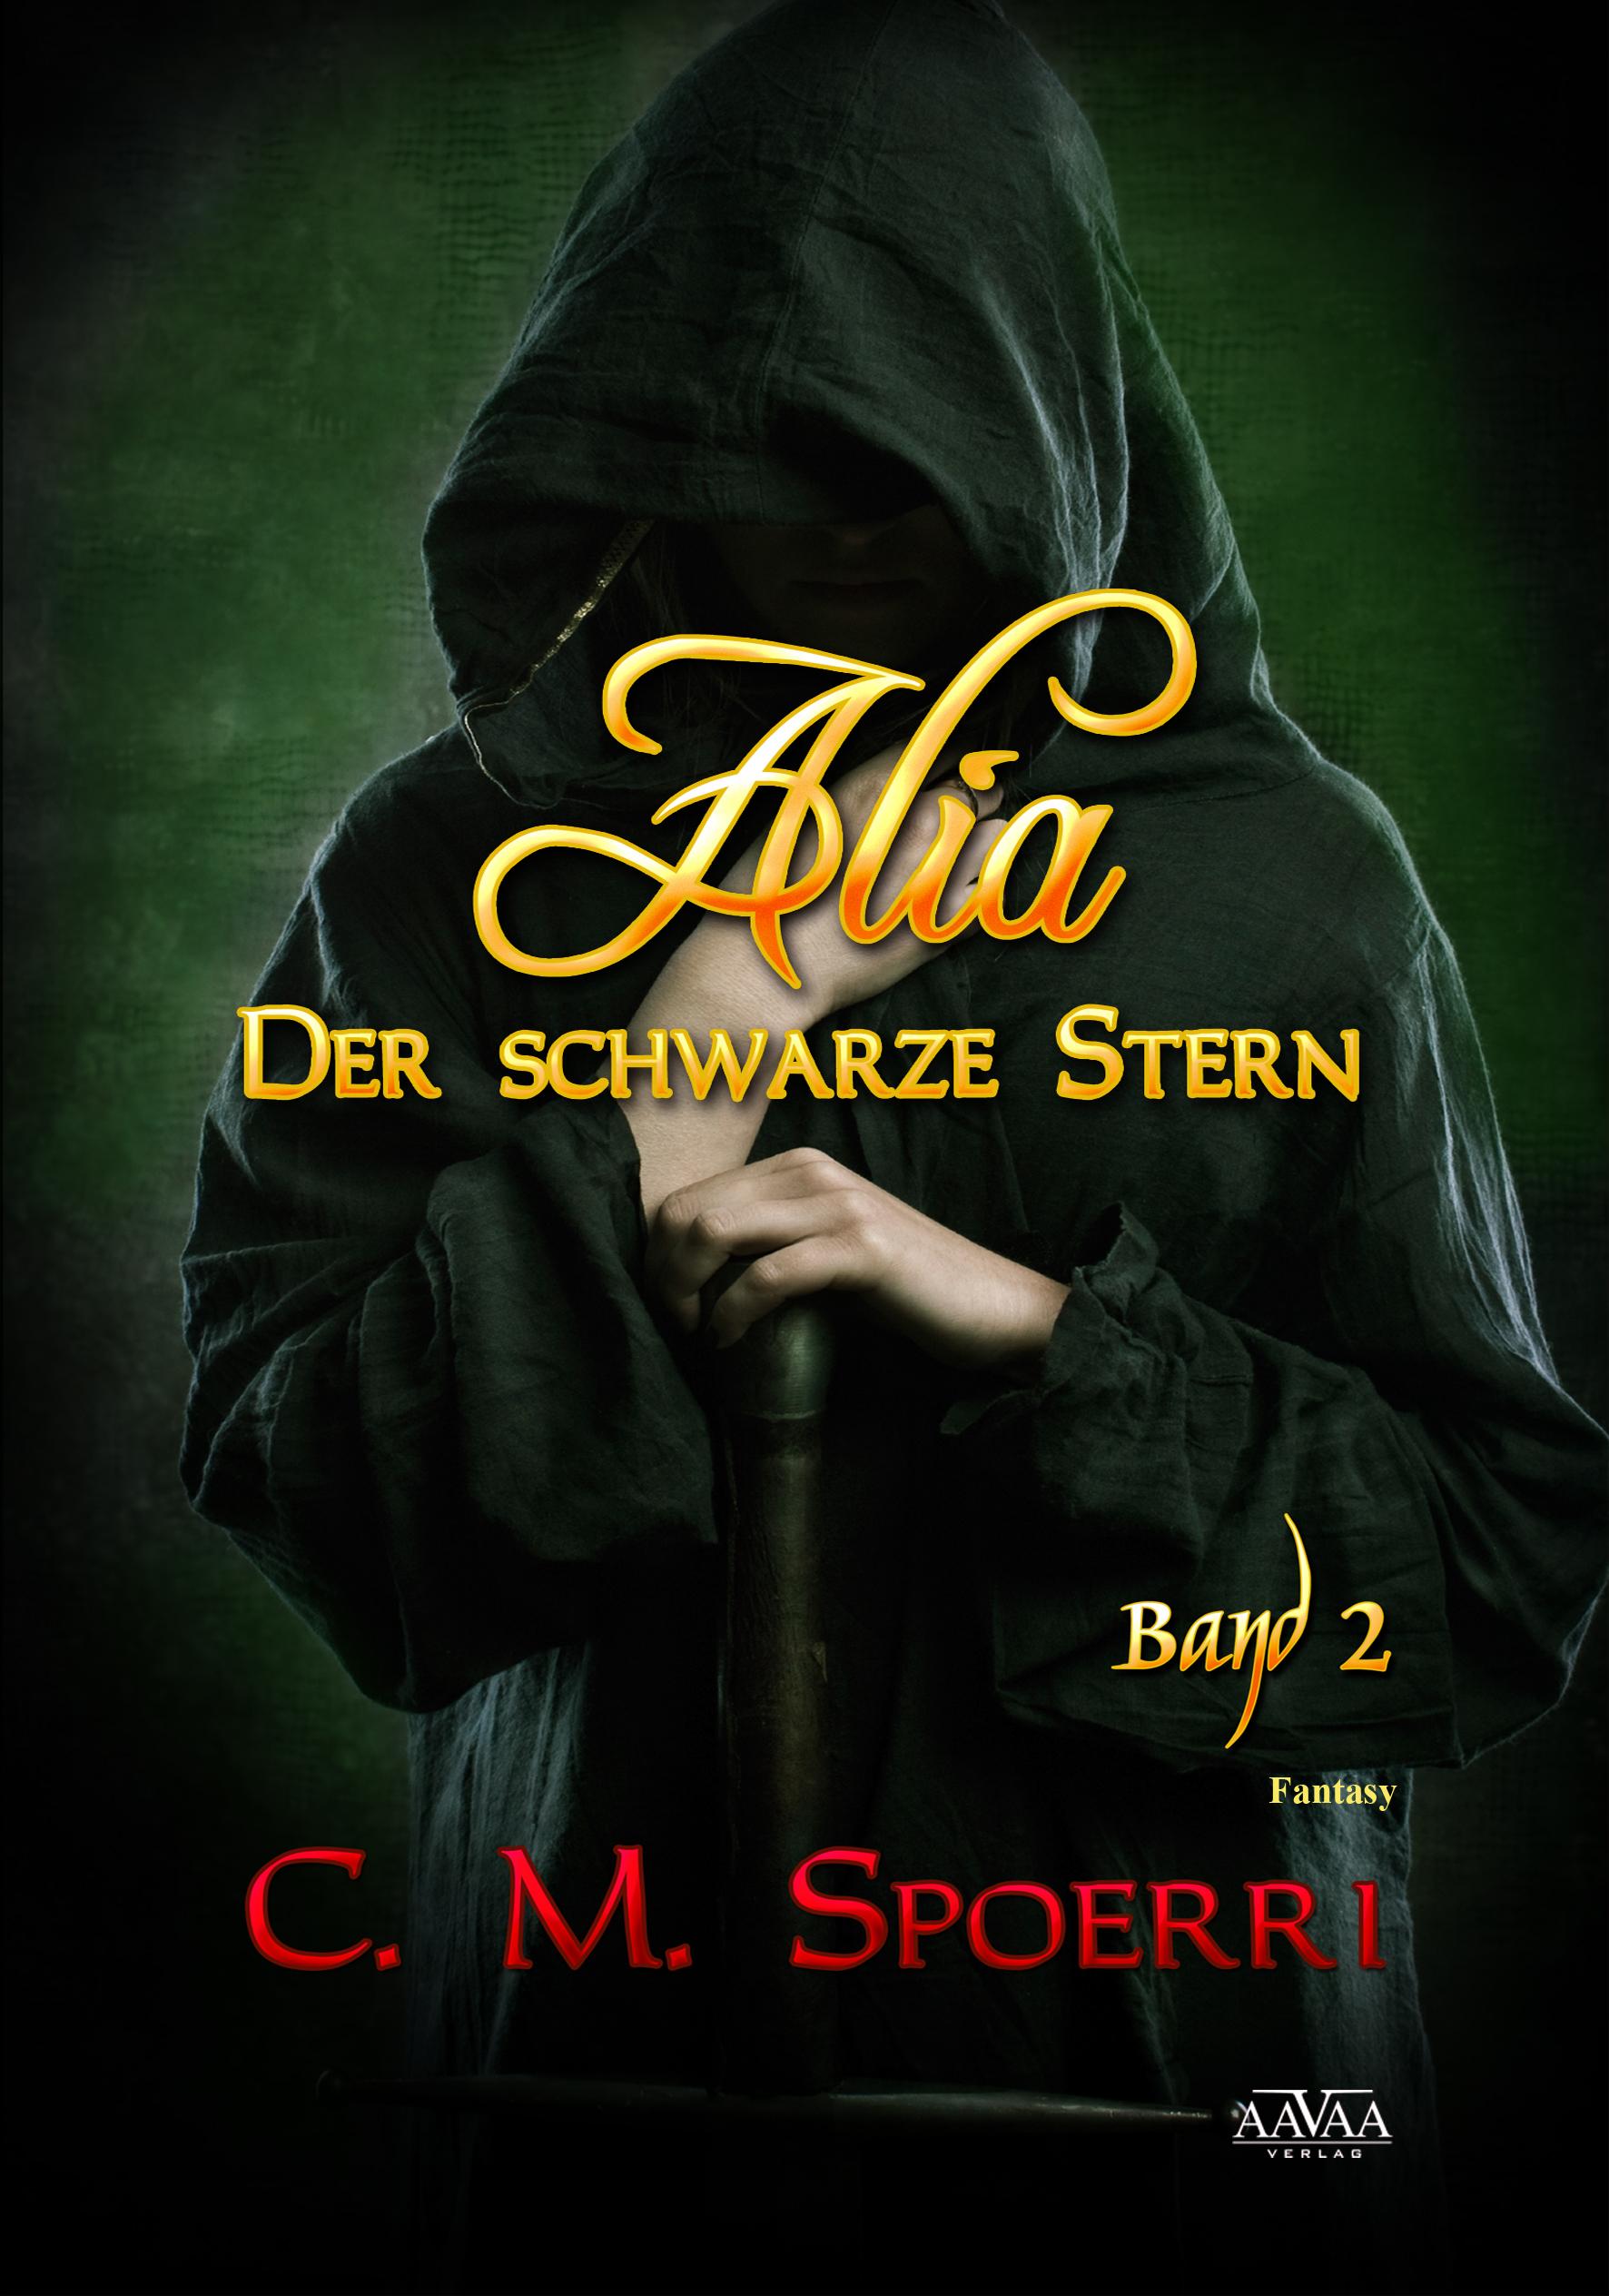 Alia (2) C. M. Spoerri